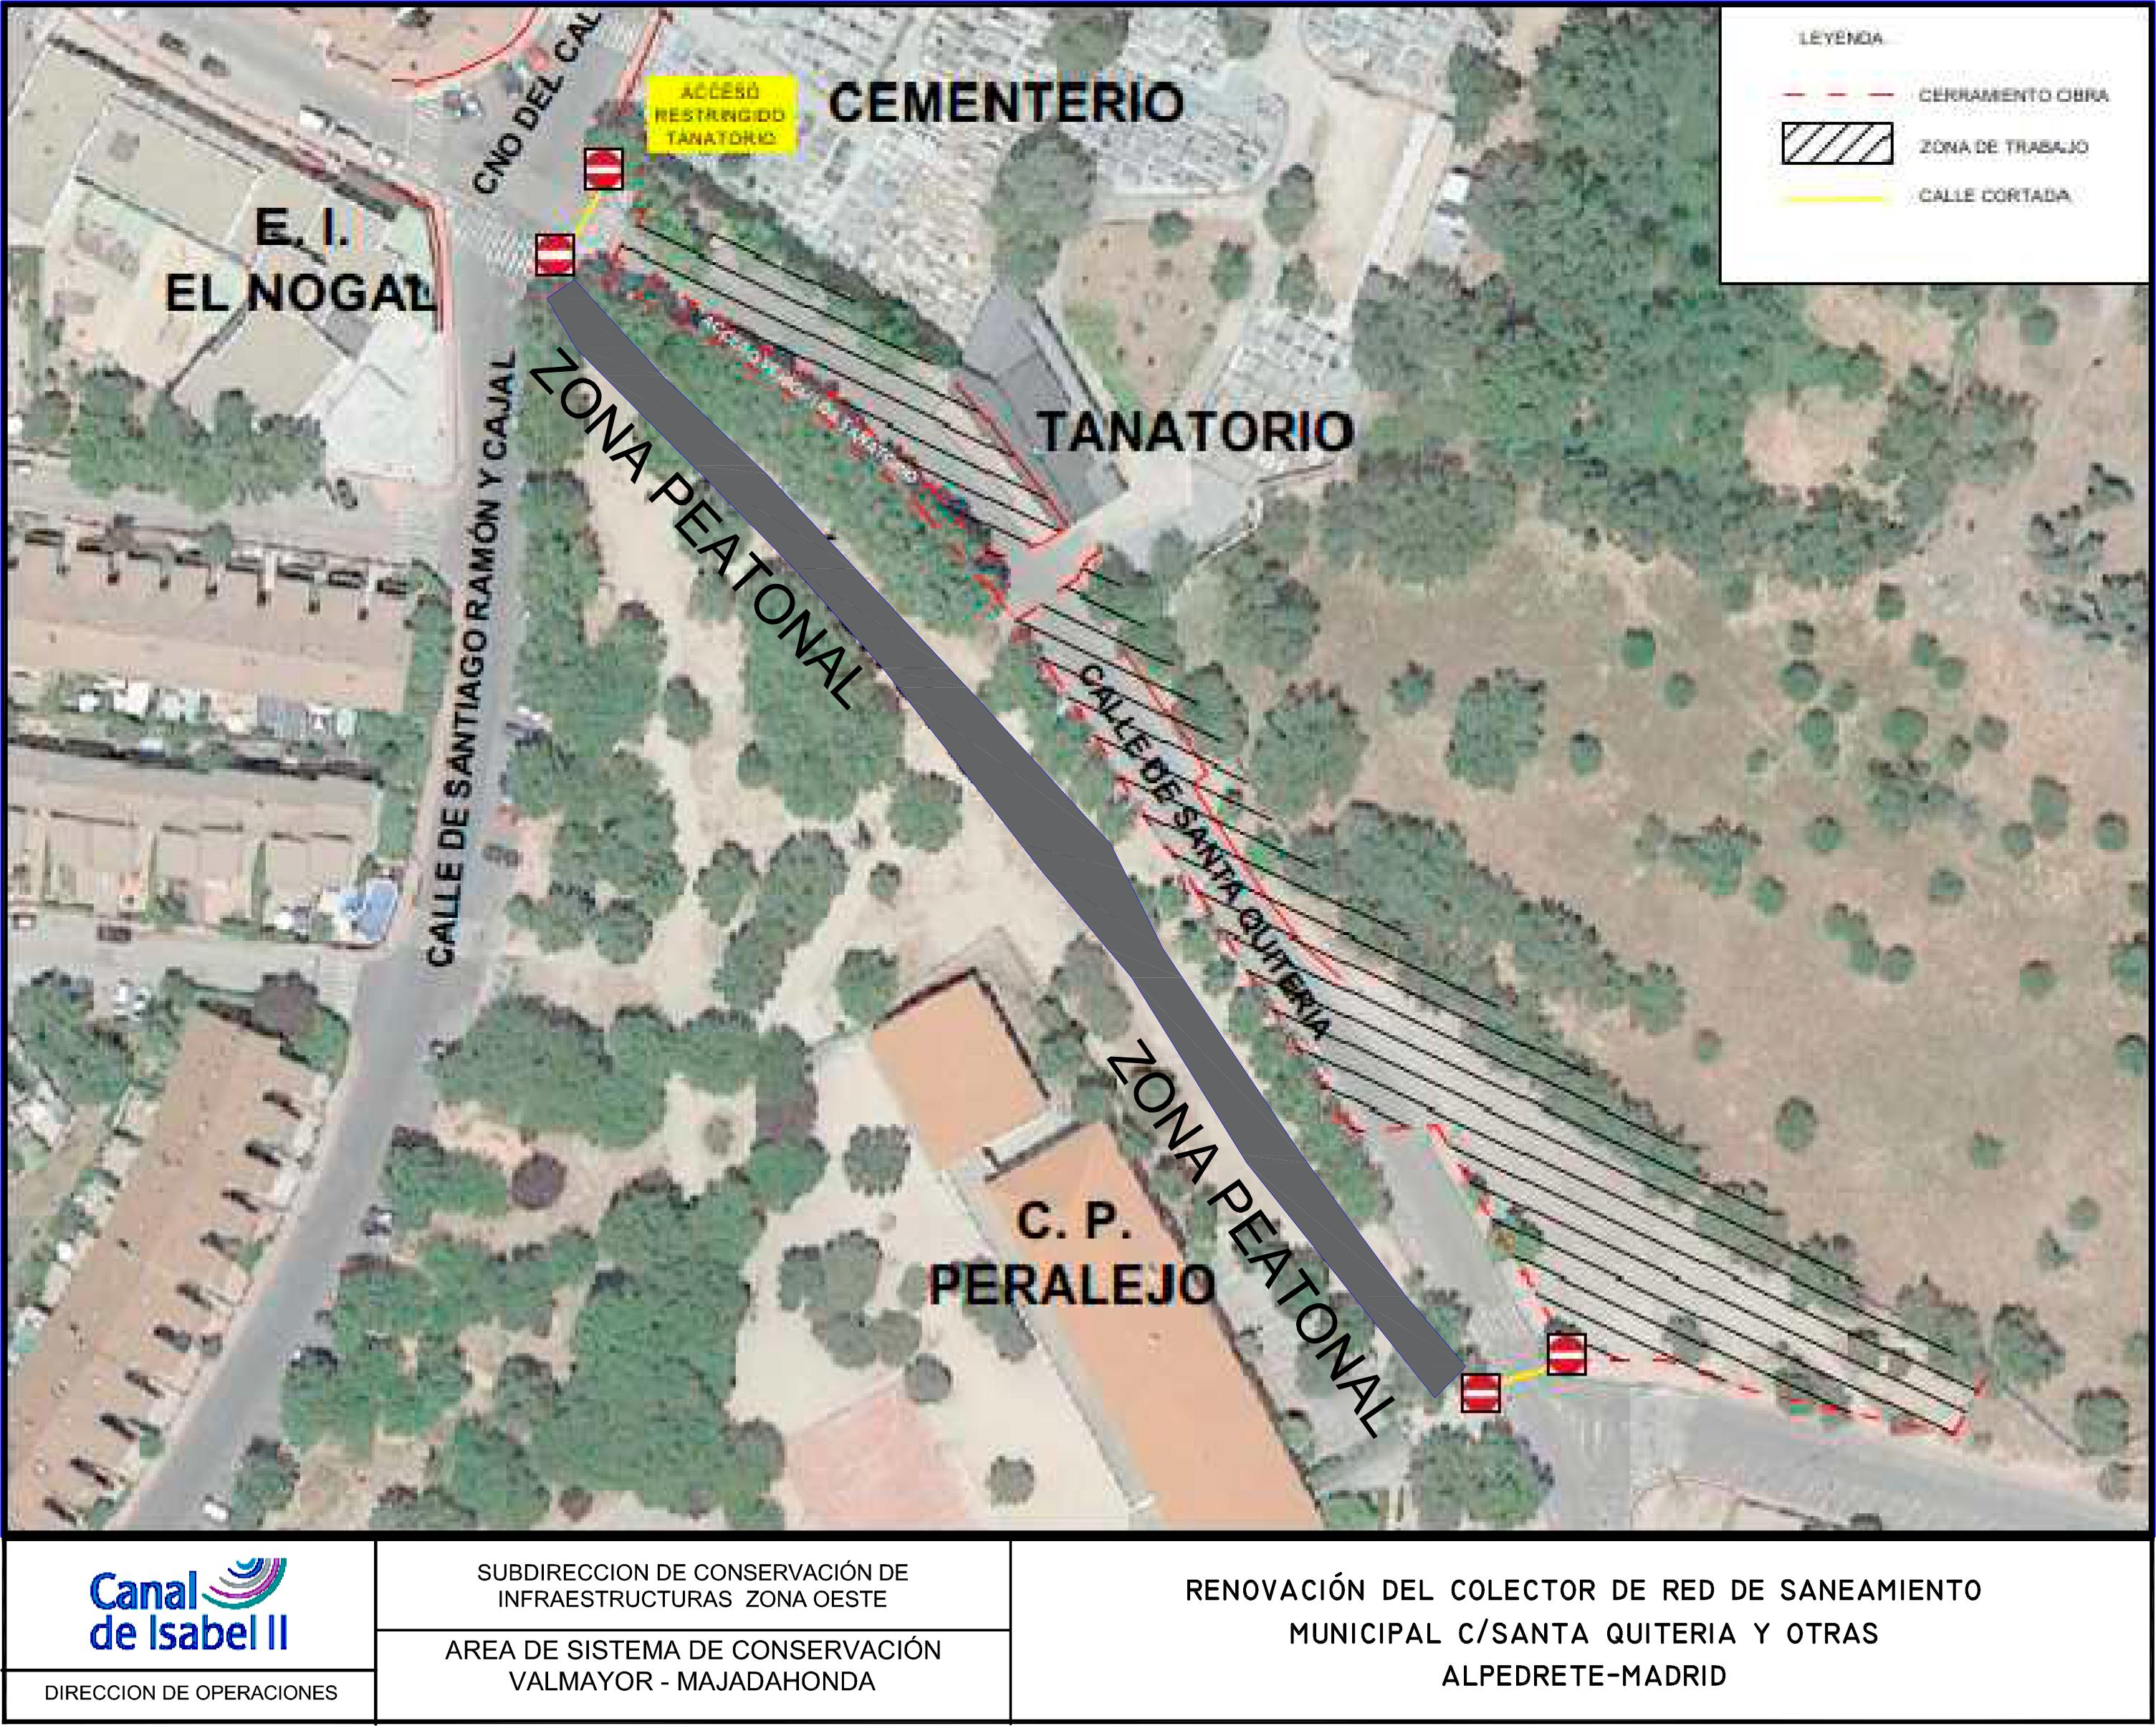 Plano de la calle santa quiteria con las indicaciones de los cortes al trafico.